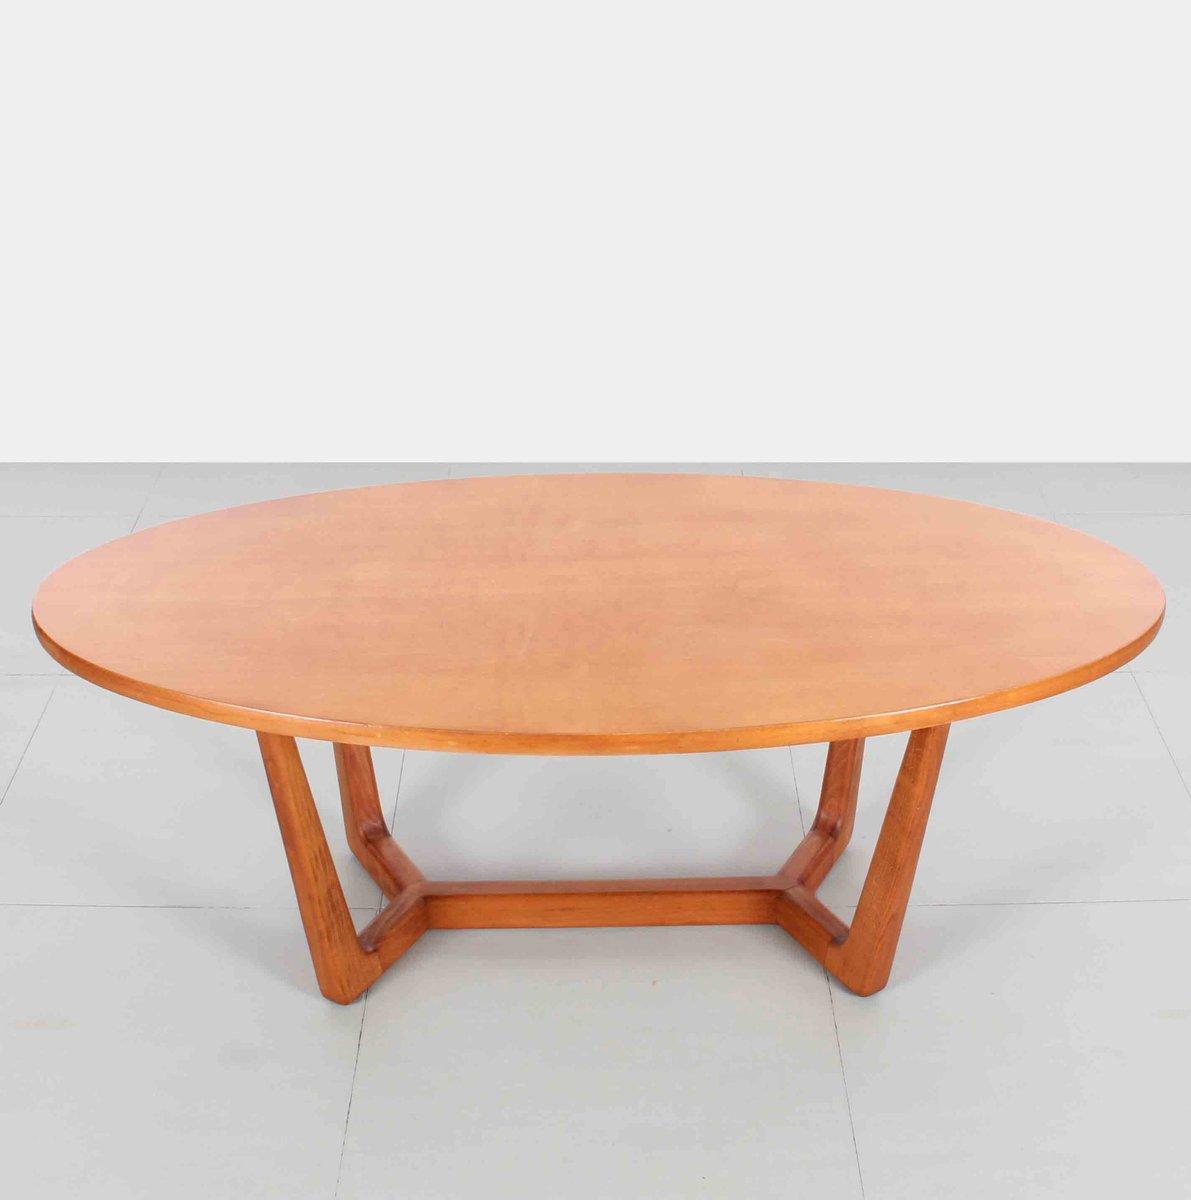 table basse ovale tch que 1960s en vente sur pamono. Black Bedroom Furniture Sets. Home Design Ideas